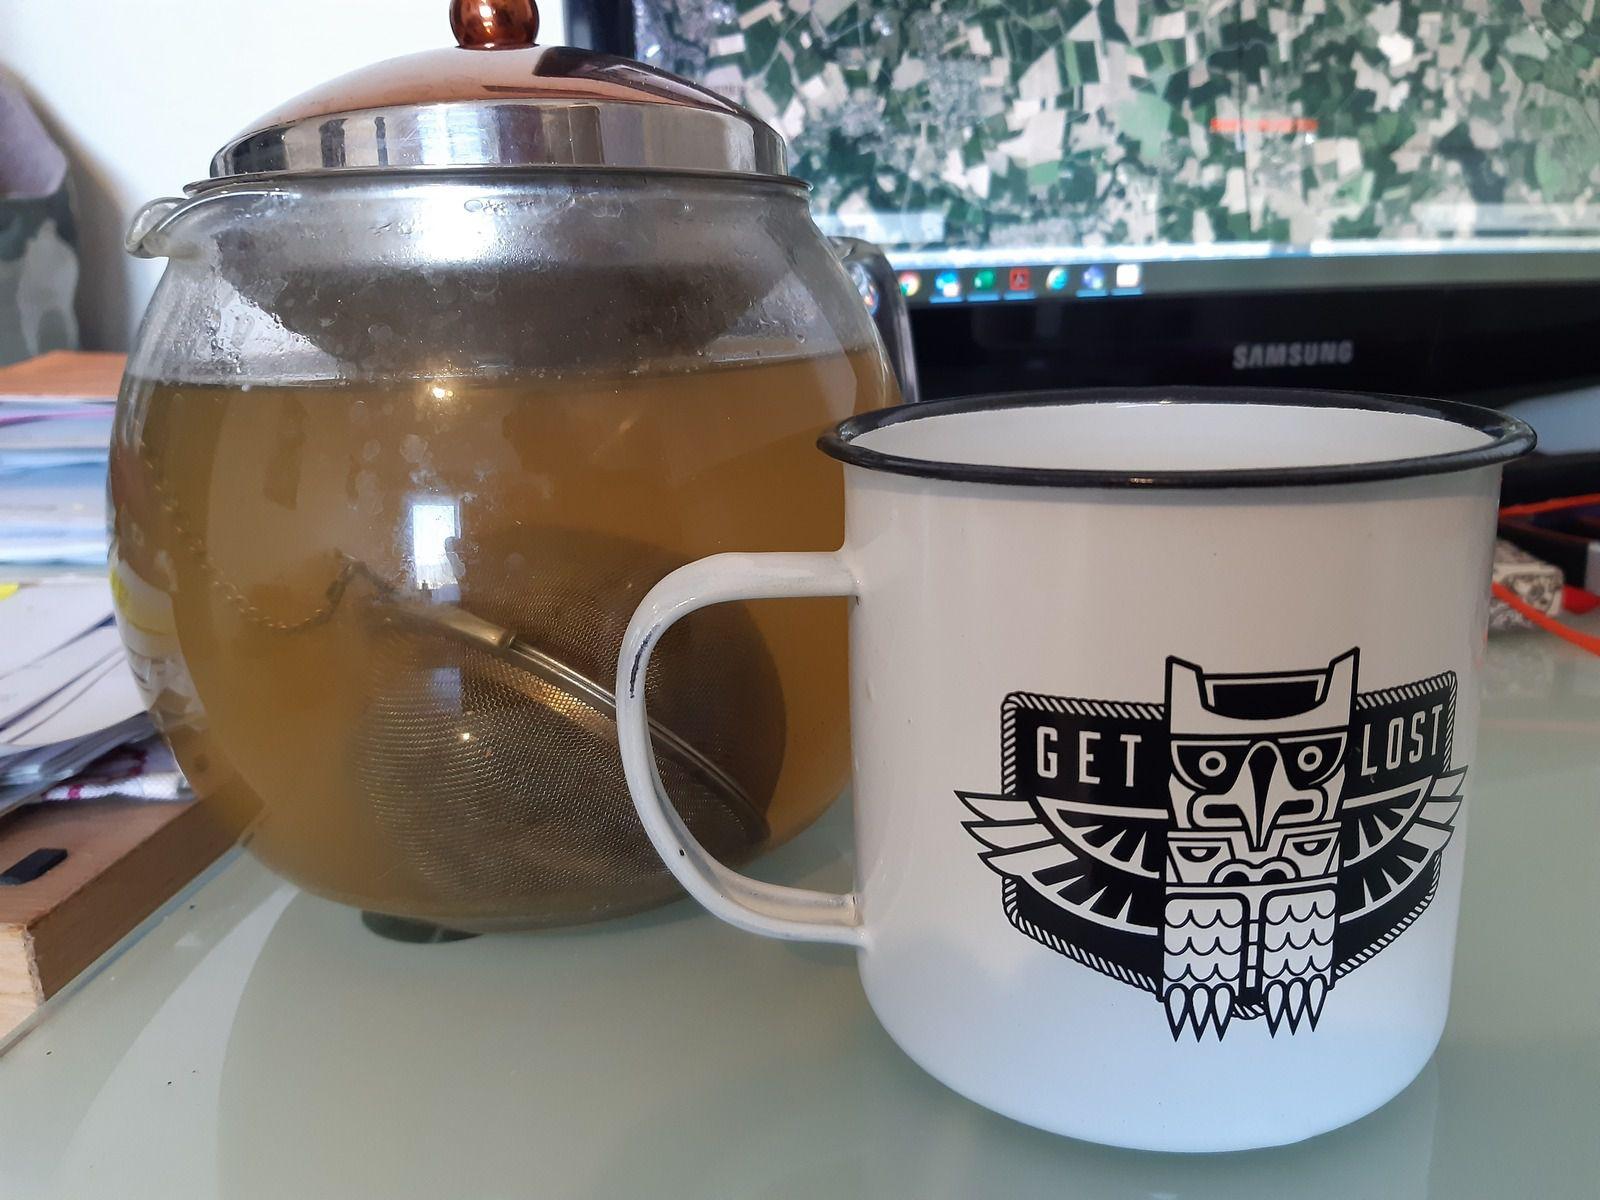 Un bon thé pour digérer ^_^